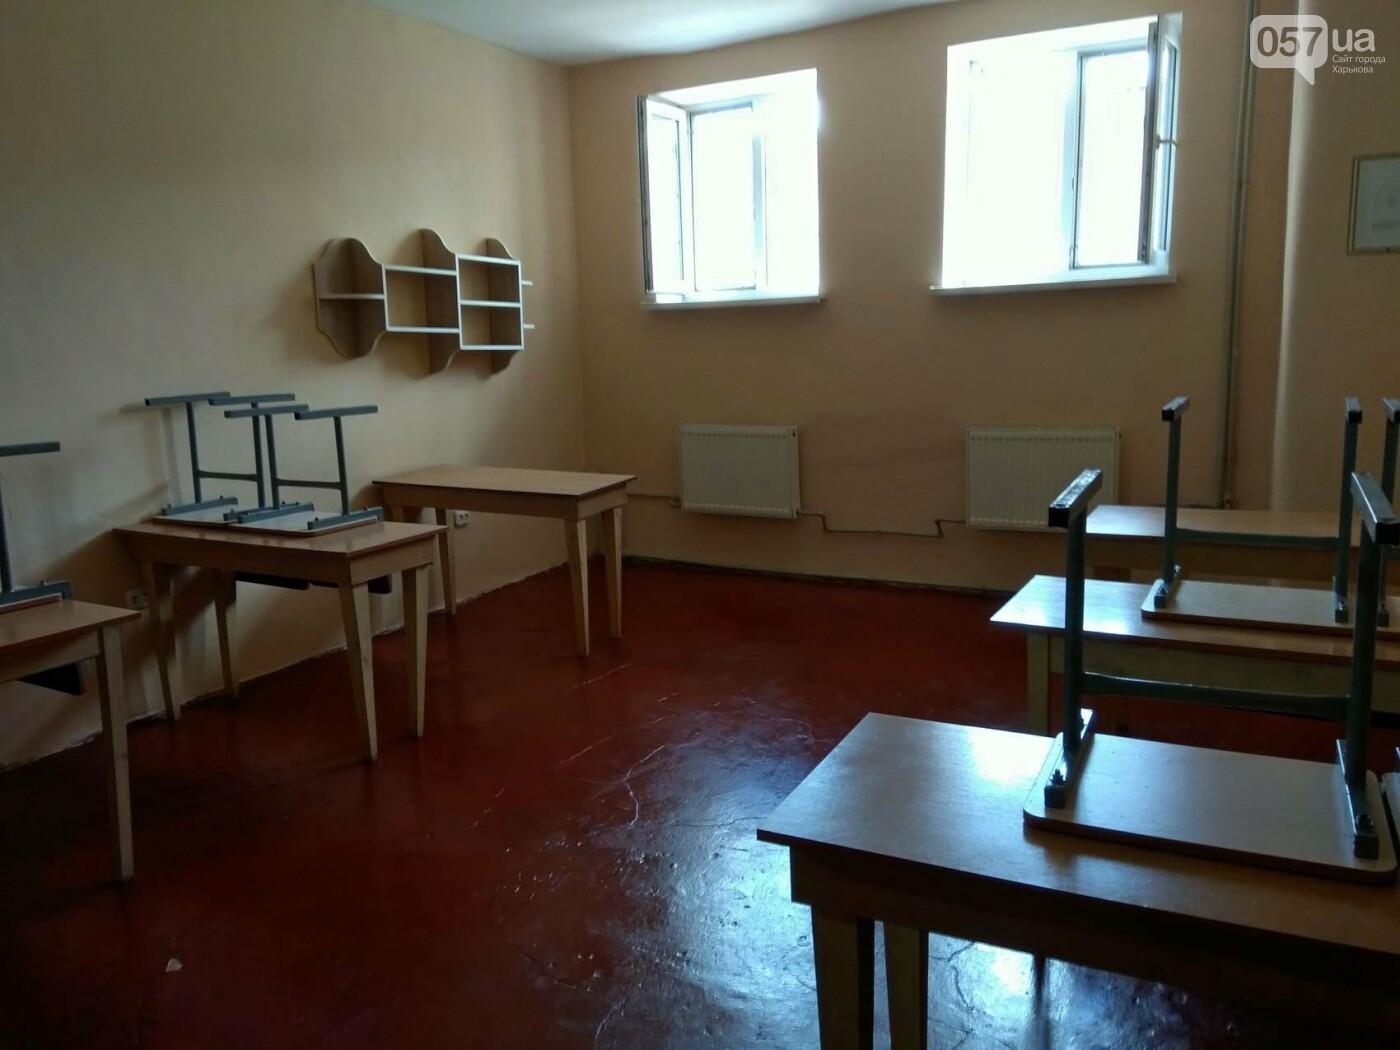 Общий душ, учебные классы и комната отдыха. В каких условиях содержат подростков в Харьковском СИЗО, - ФОТО, фото-5